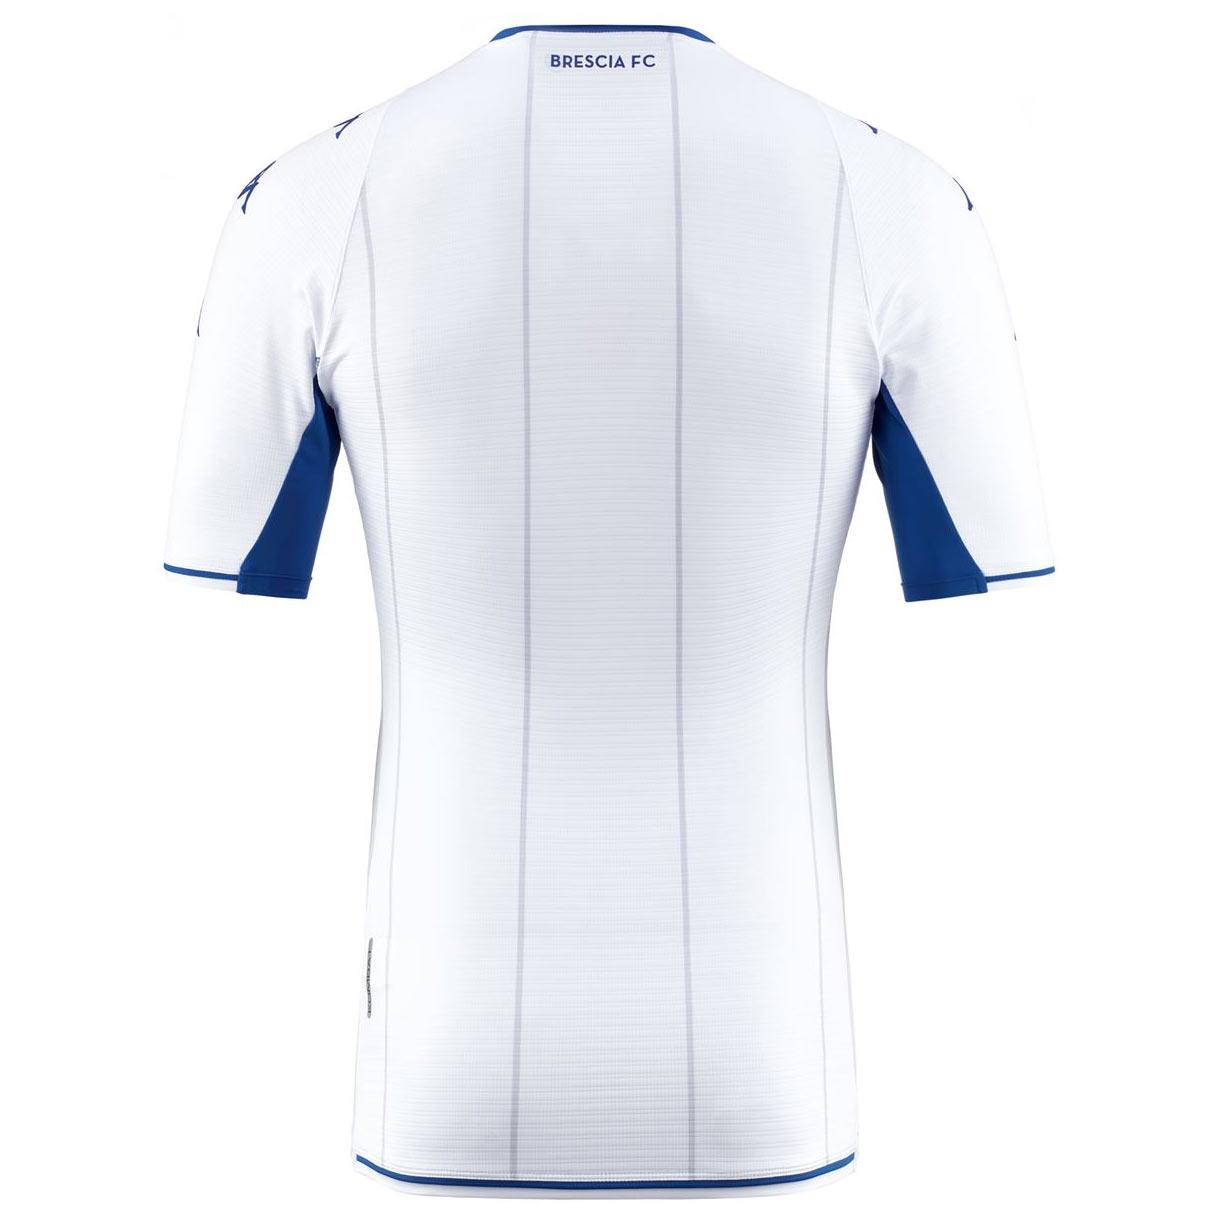 Seconda maglia Brescia bianca 2021-2022 retro